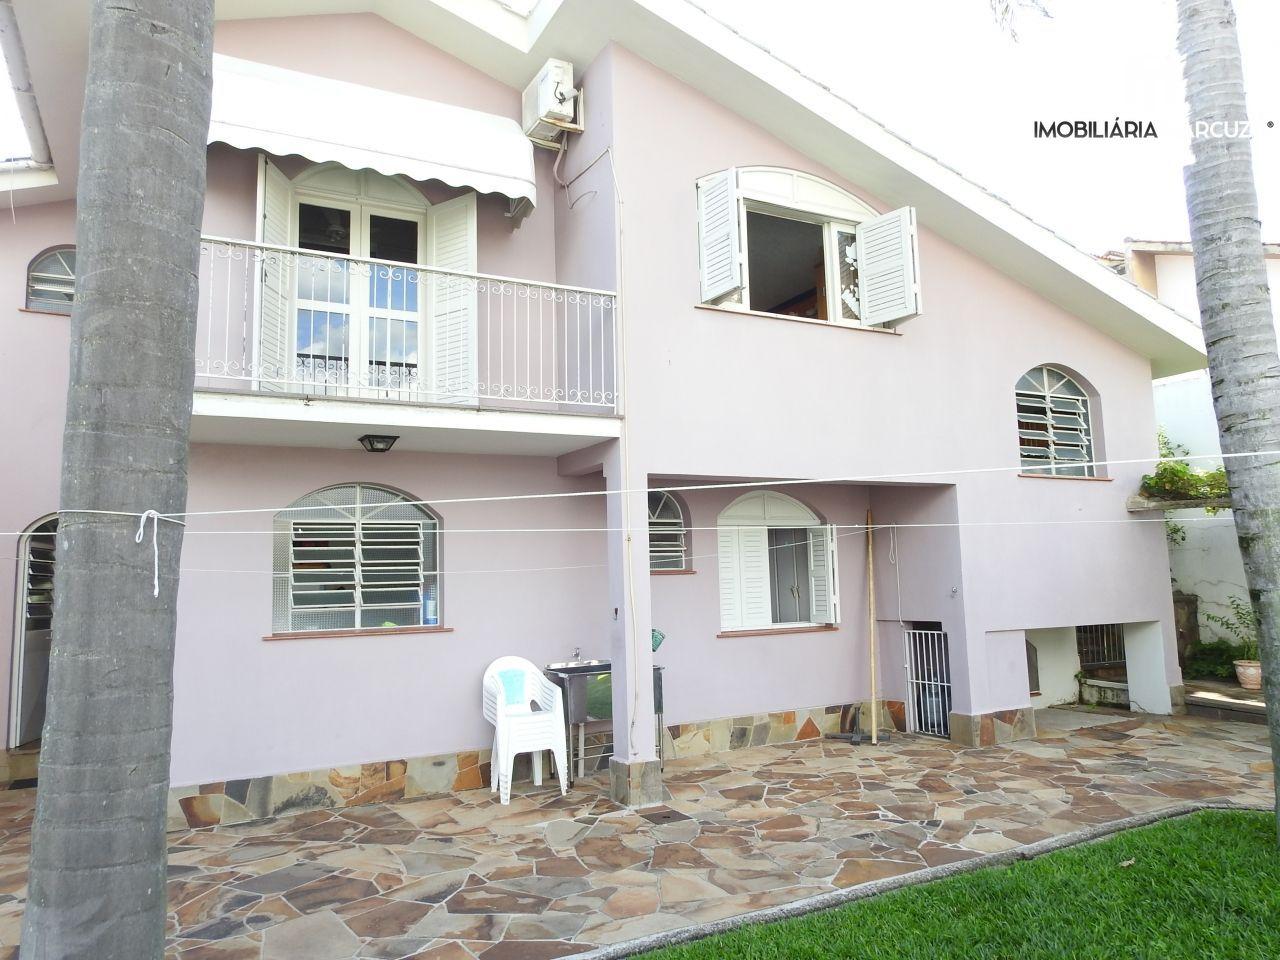 Casa com 4 Dormitórios à venda, 227 m² por R$ 2.300.000,00